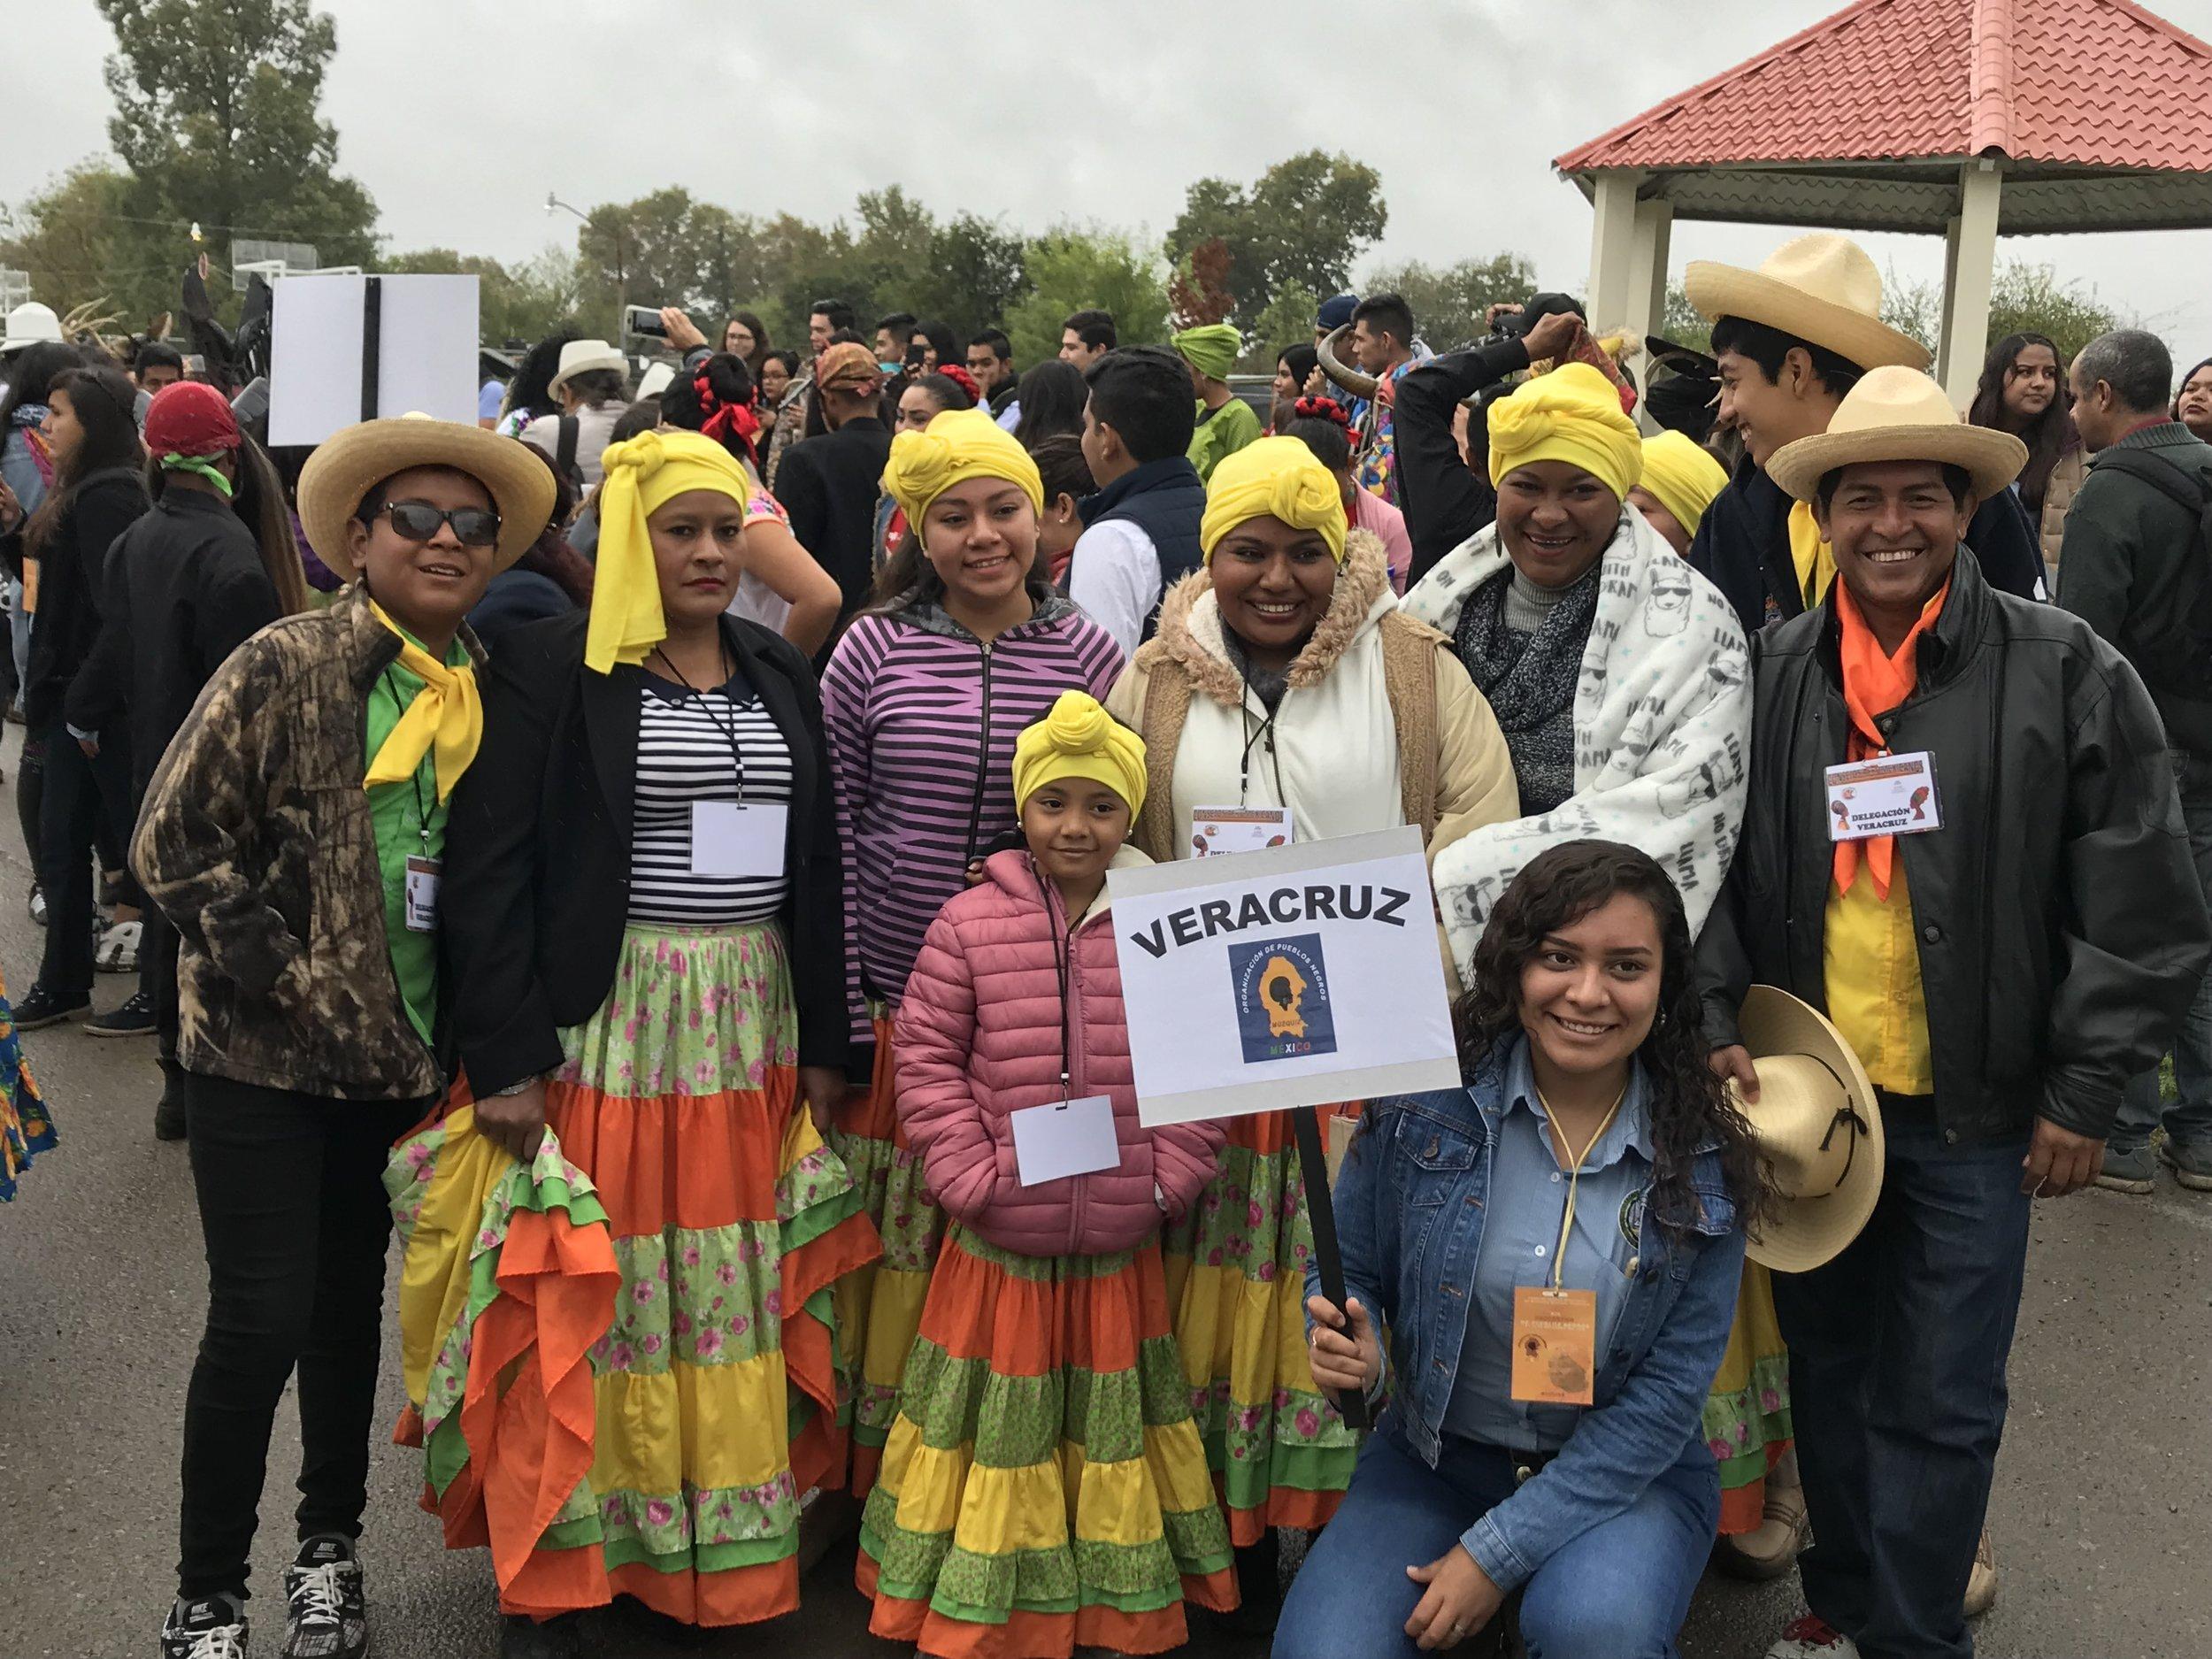 Veracruz represents!